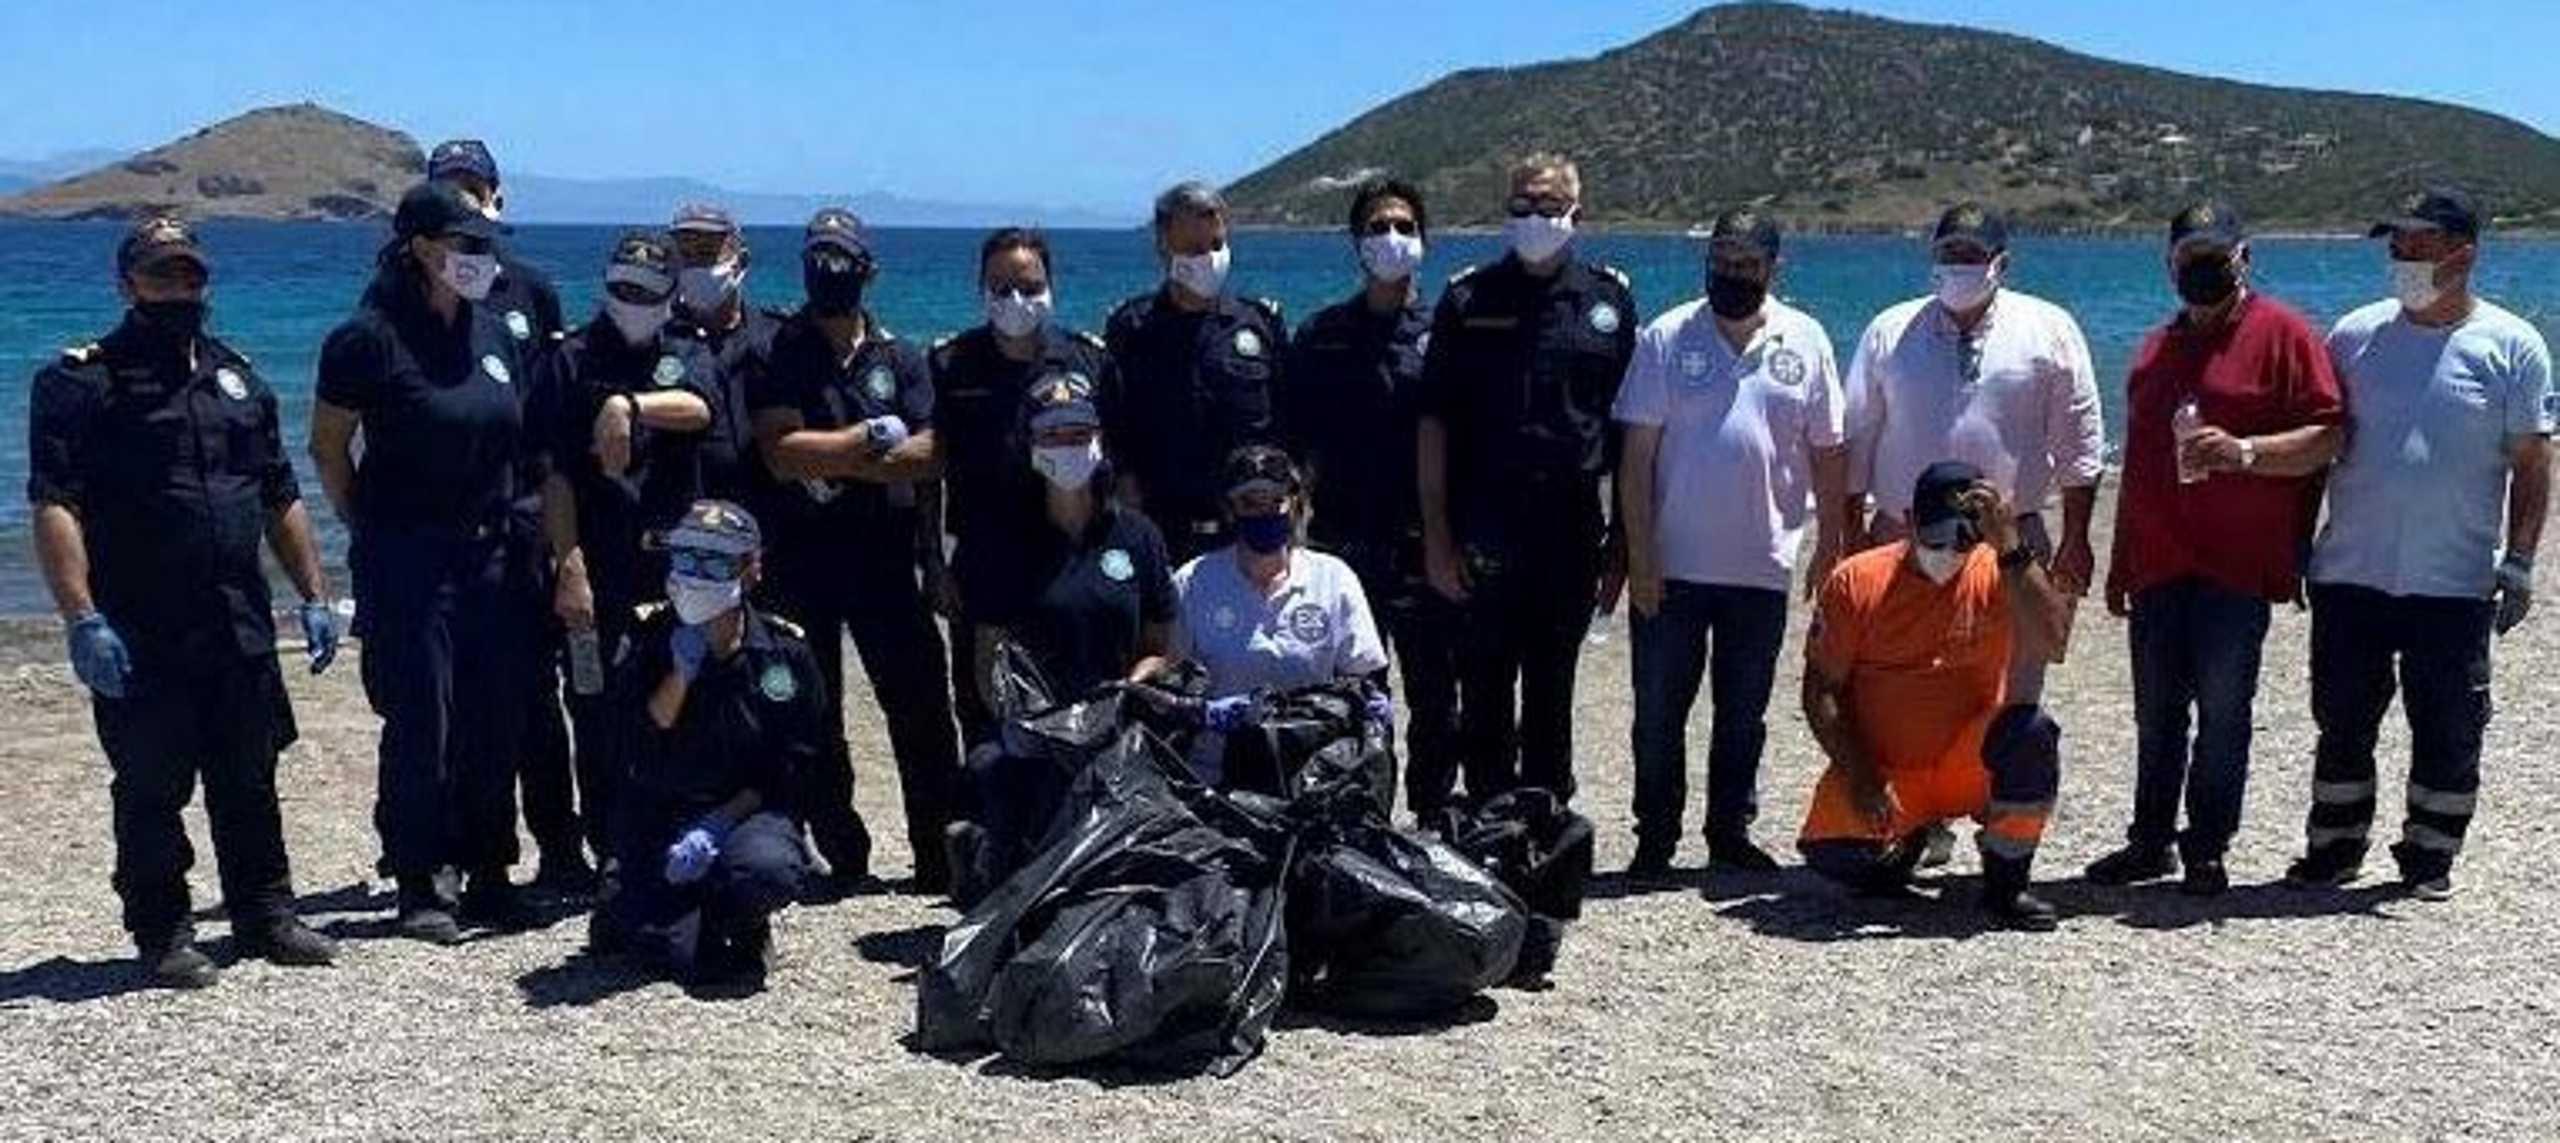 Ολυμπιονίκες και παγκόσμιοι πρωταθλητές καθαρίζουν παραλίες στο Πόρτο Ράφτη (pics)